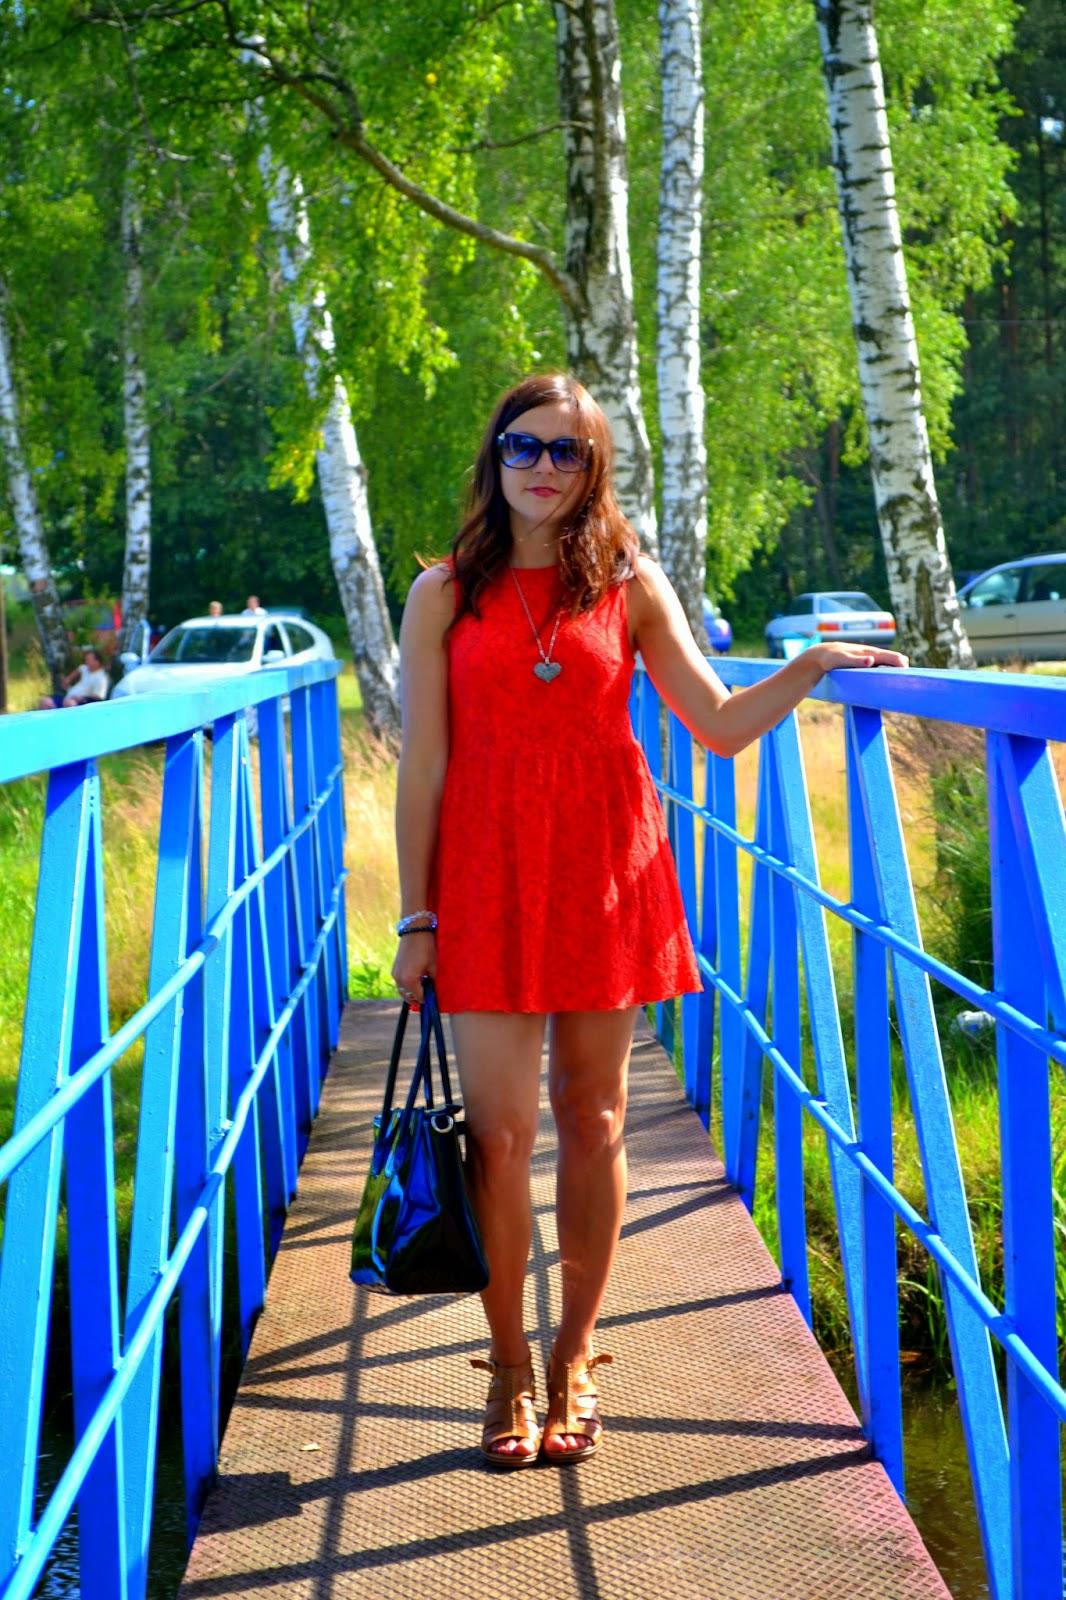 koronkowa sukienka, czerwona sukienka, czerwona sukienka z koronki